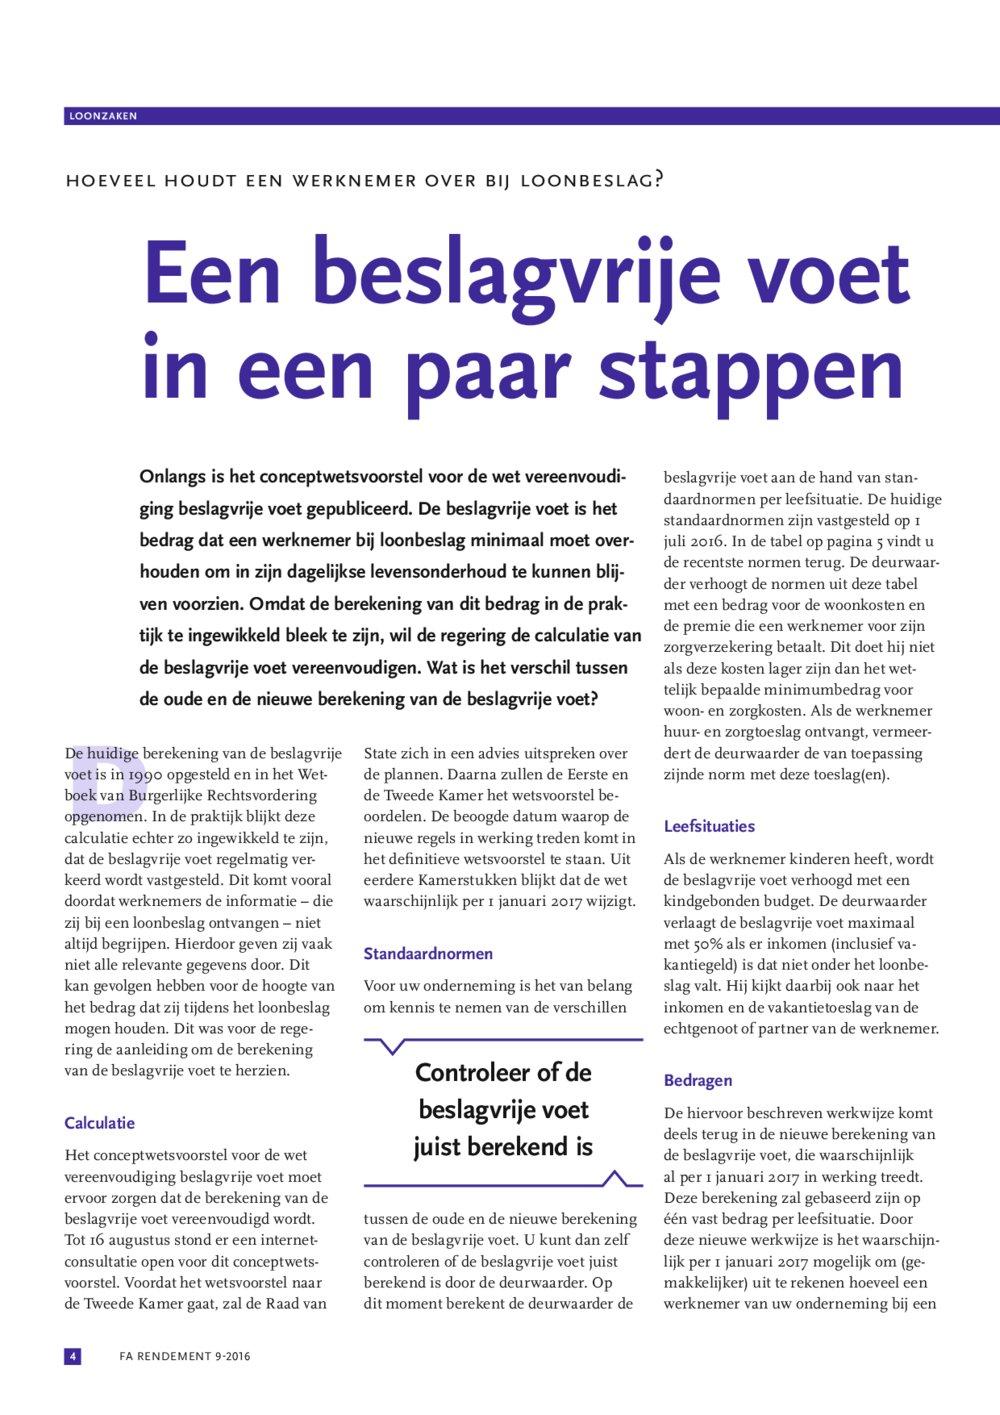 FA Rendement 9 (valt op 6 september 2016): https://www.rendement.nl/producten/financiele-administratie/vakblad